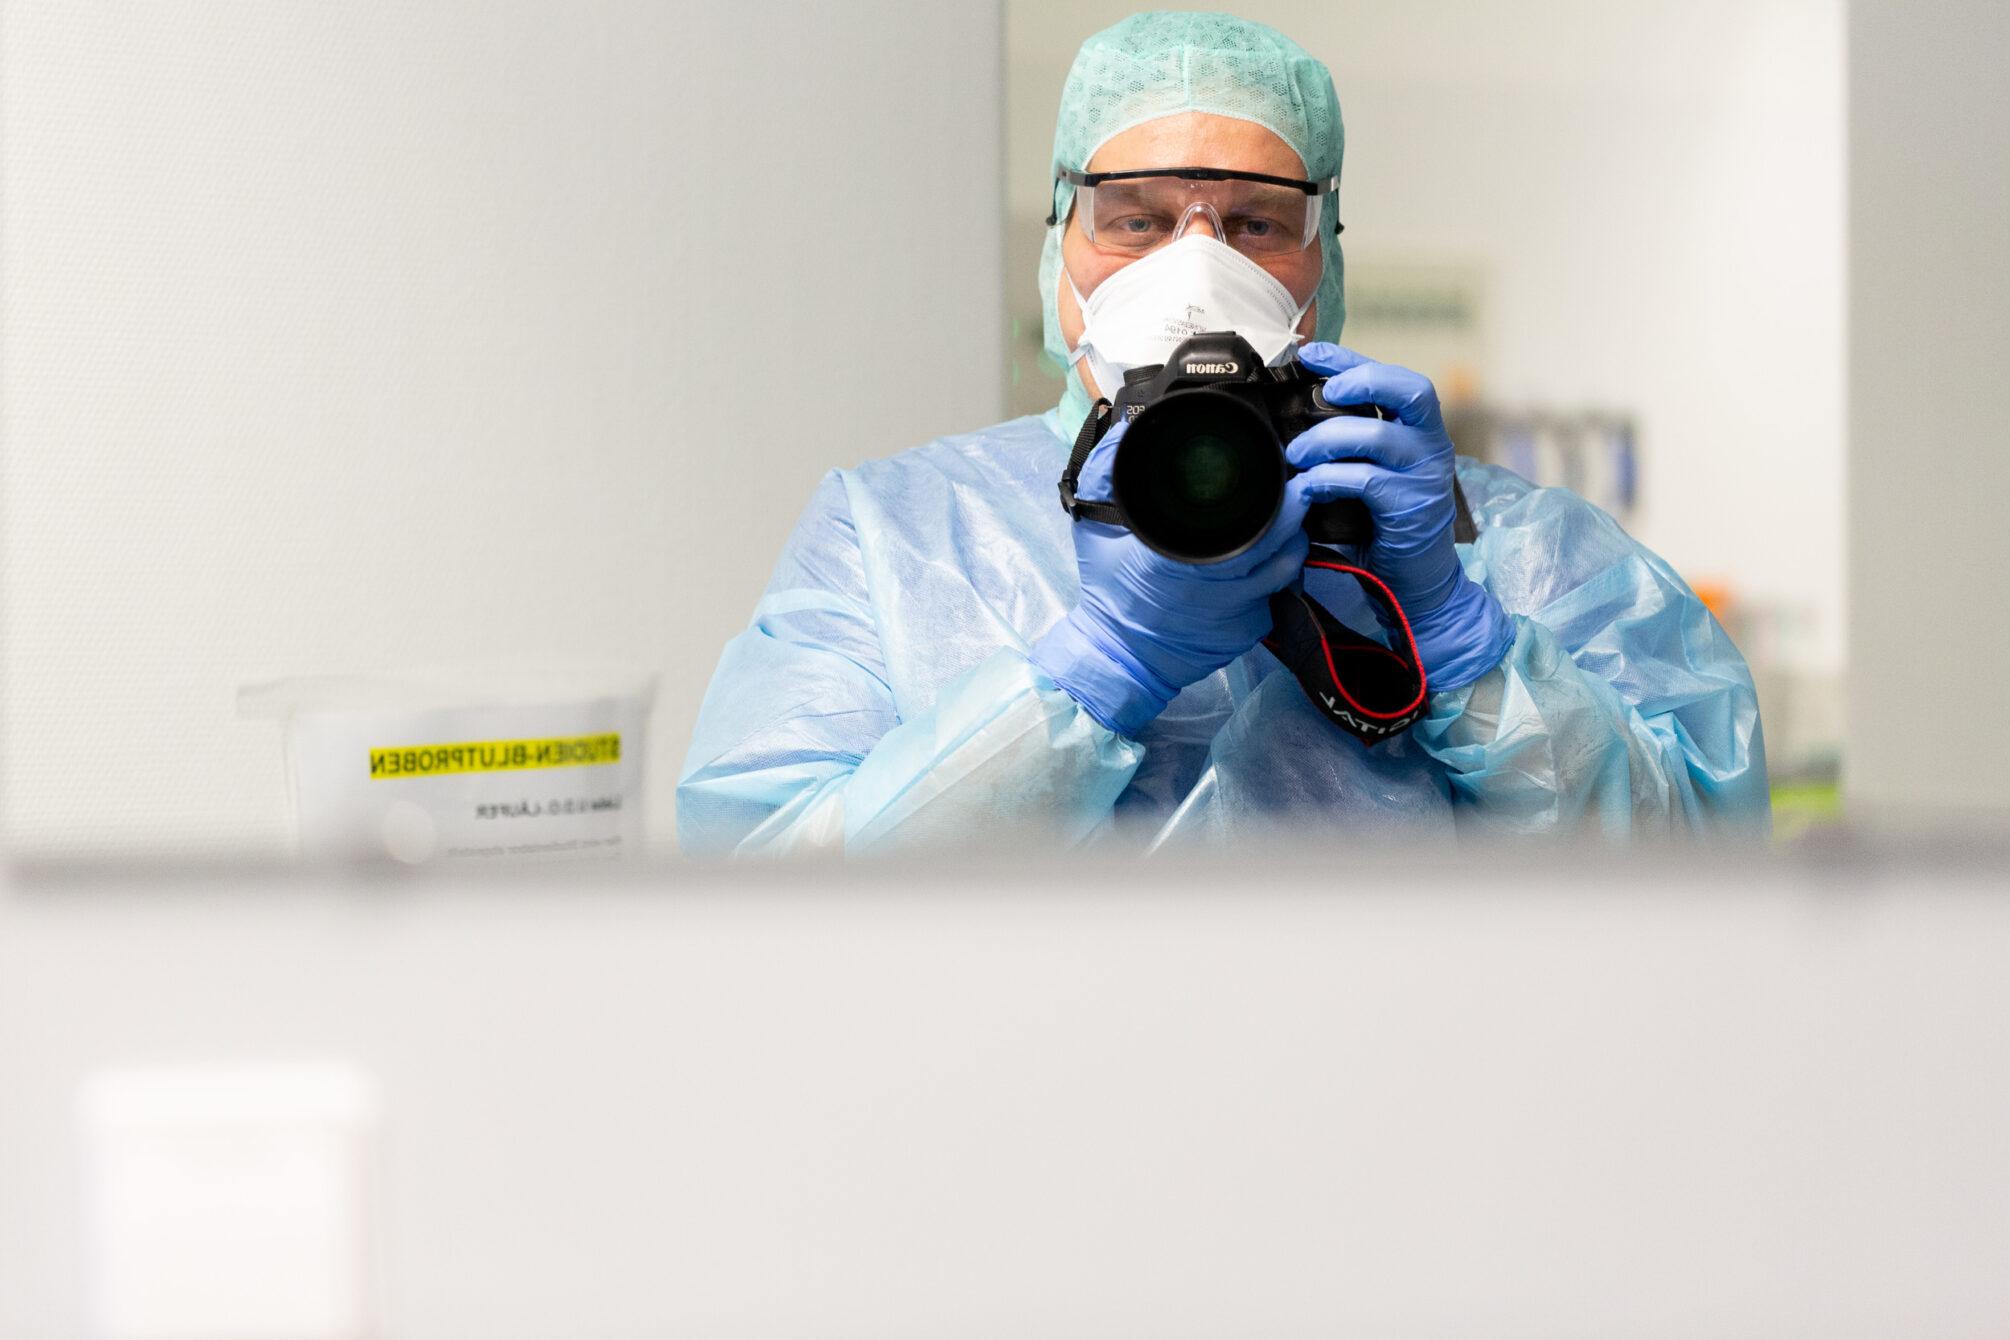 Selfie im Spiegel vom Fotograf in FFP 3 Schutzkleidung